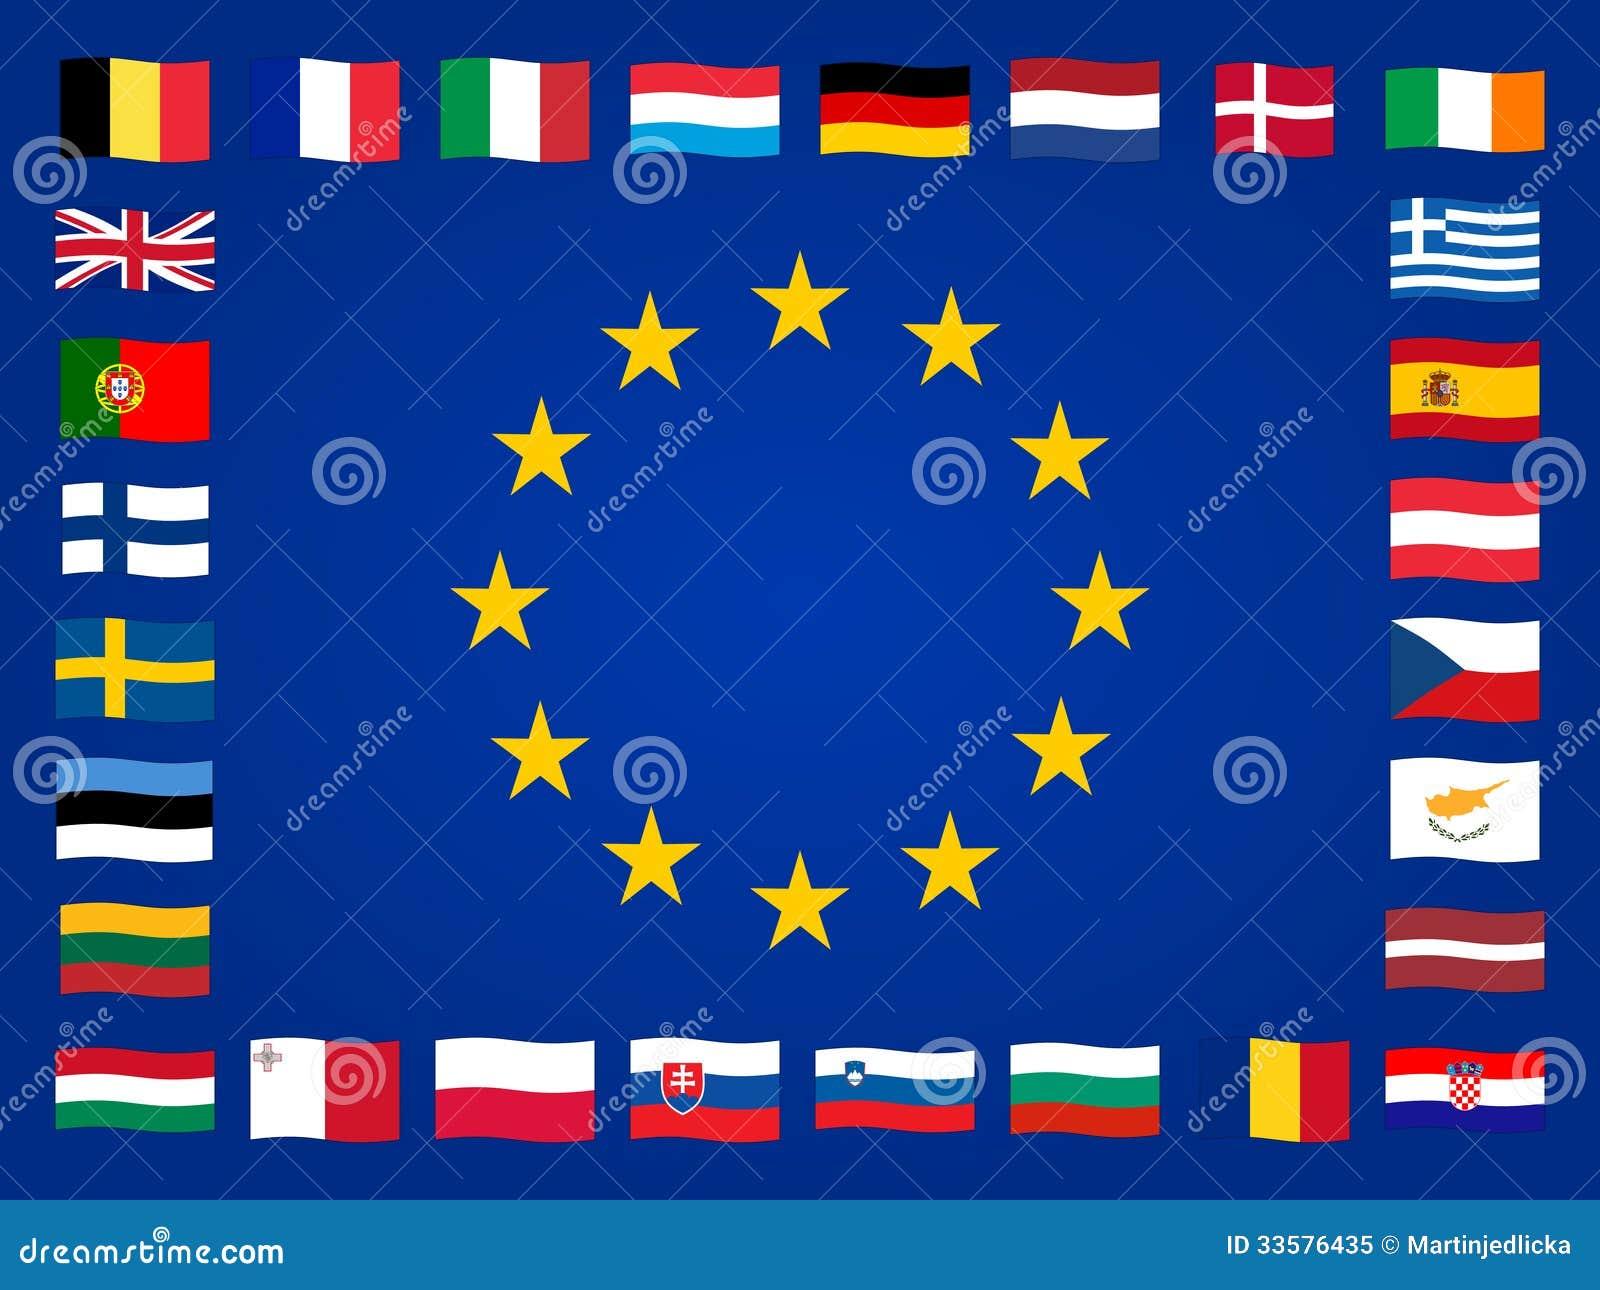 Bandiere europee illustrazione vettoriale illustrazione - Bandiere bianche a colori ...